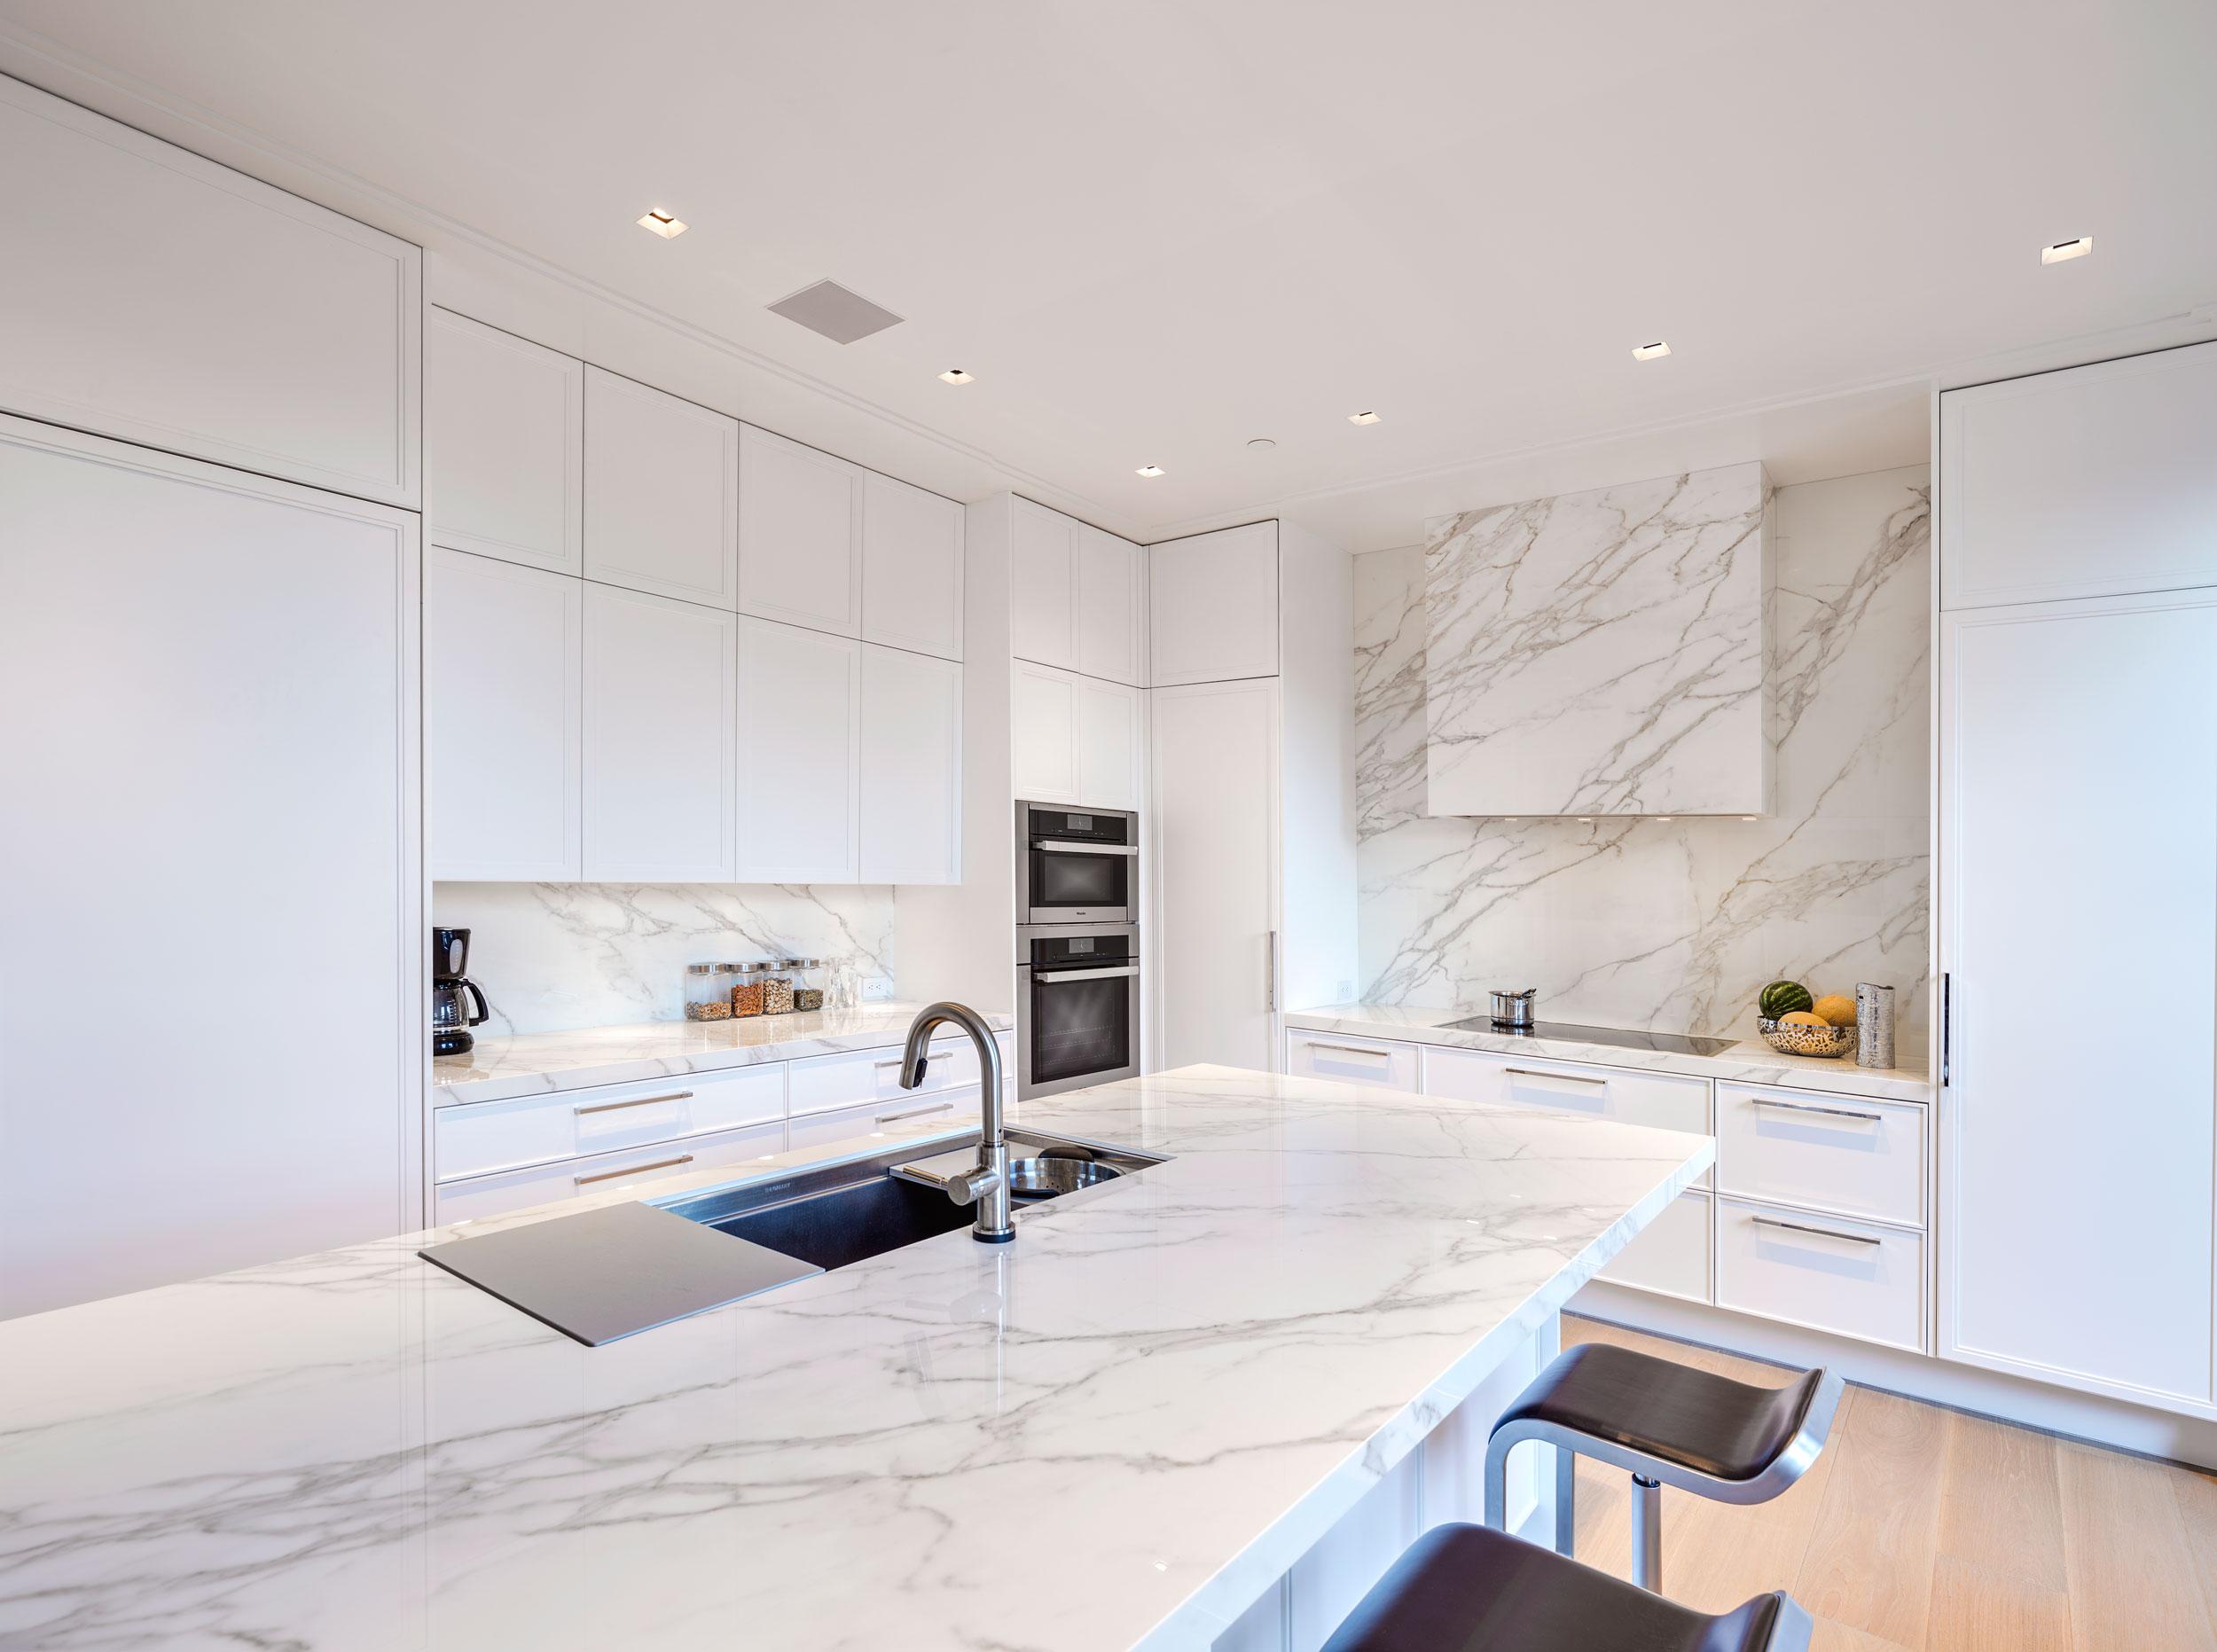 2313-new-york-privare-residence-225-5th-av-005